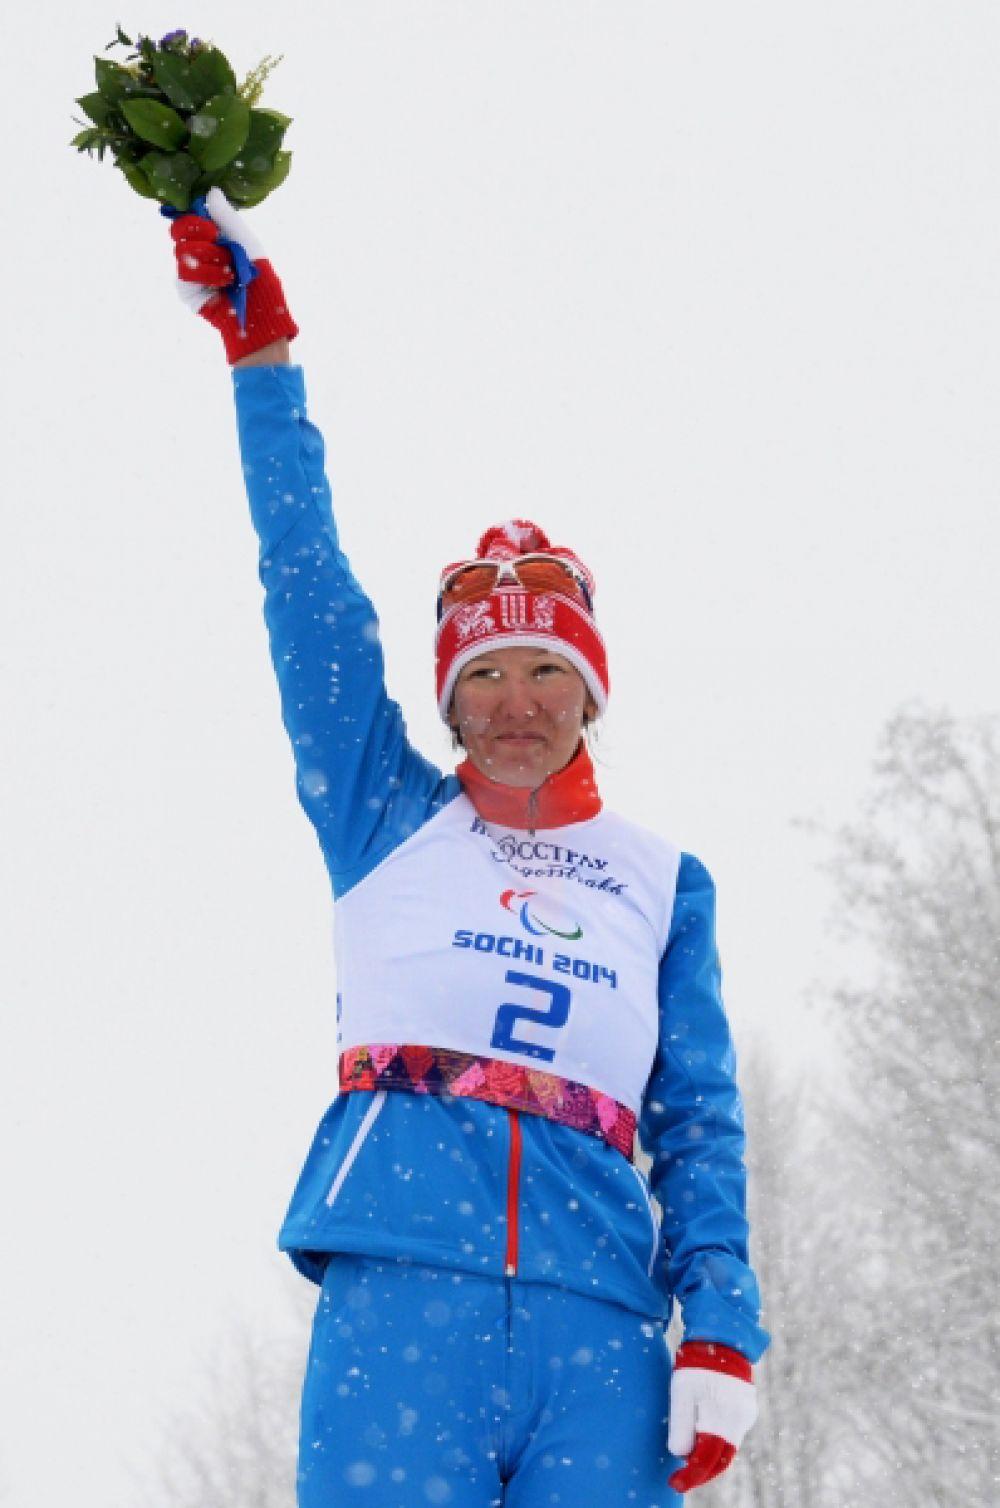 Затем Анна Миленина одержала победу в лыжном спринте на 1 км в категории «стоя».